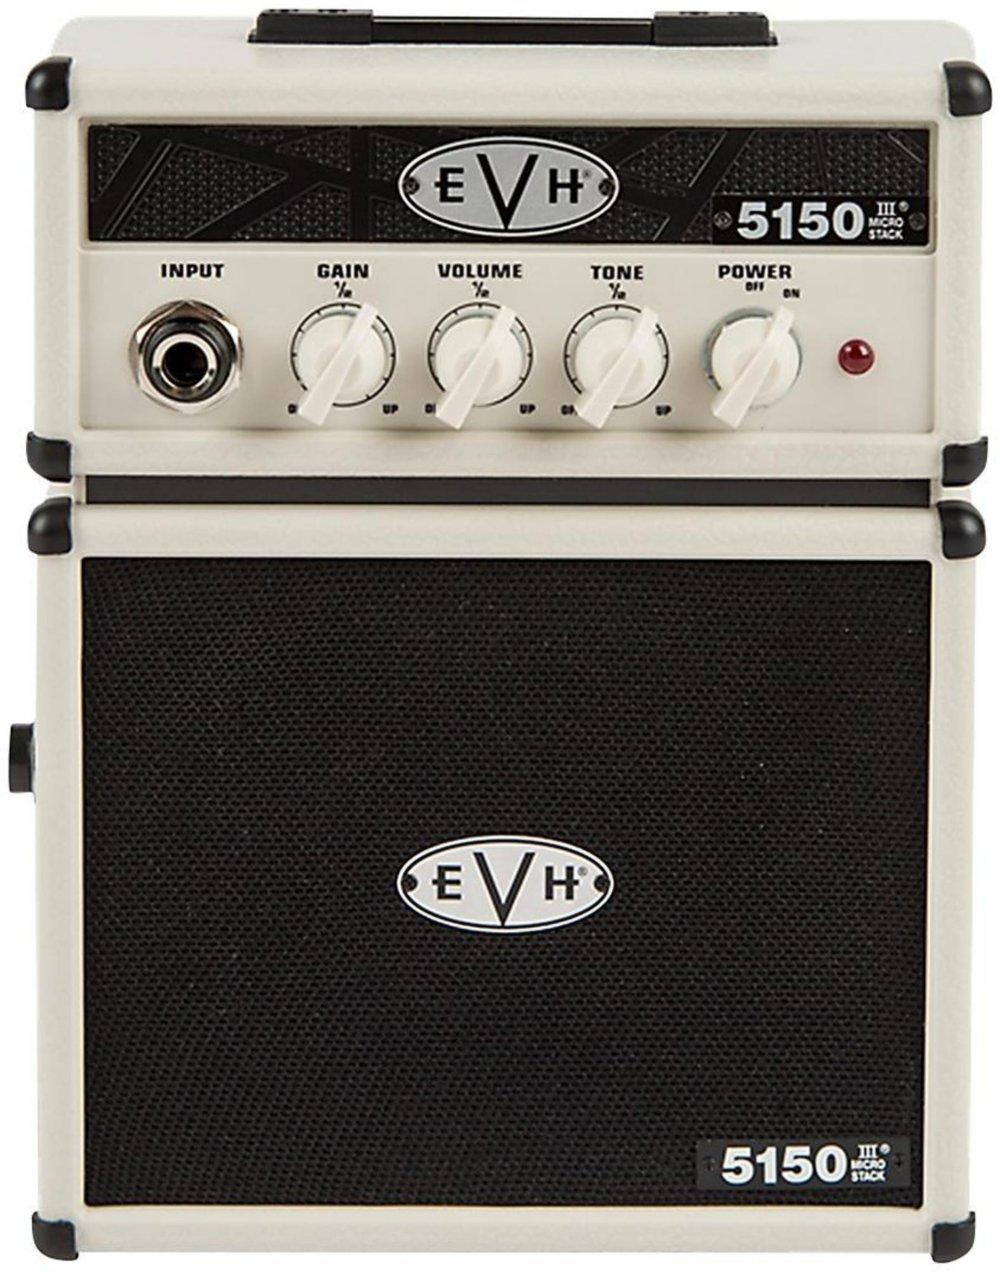 Amp Guitar EVH 5150III 1 Watt Micro Stack 022-4800-400